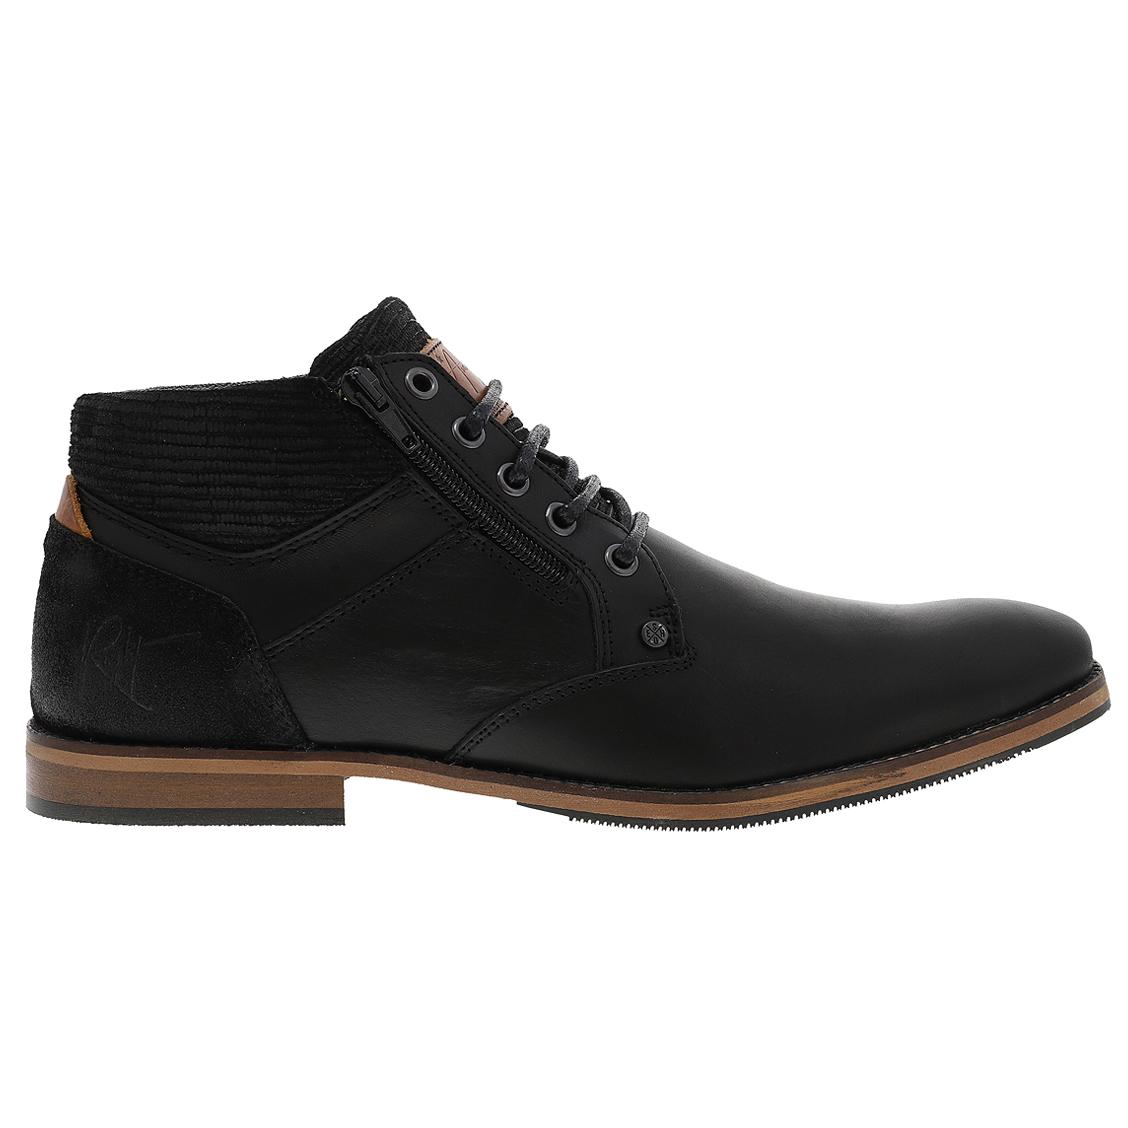 Chaussures Bullboxer en cuir noir. Chaussures Bullboxer en cuir noir